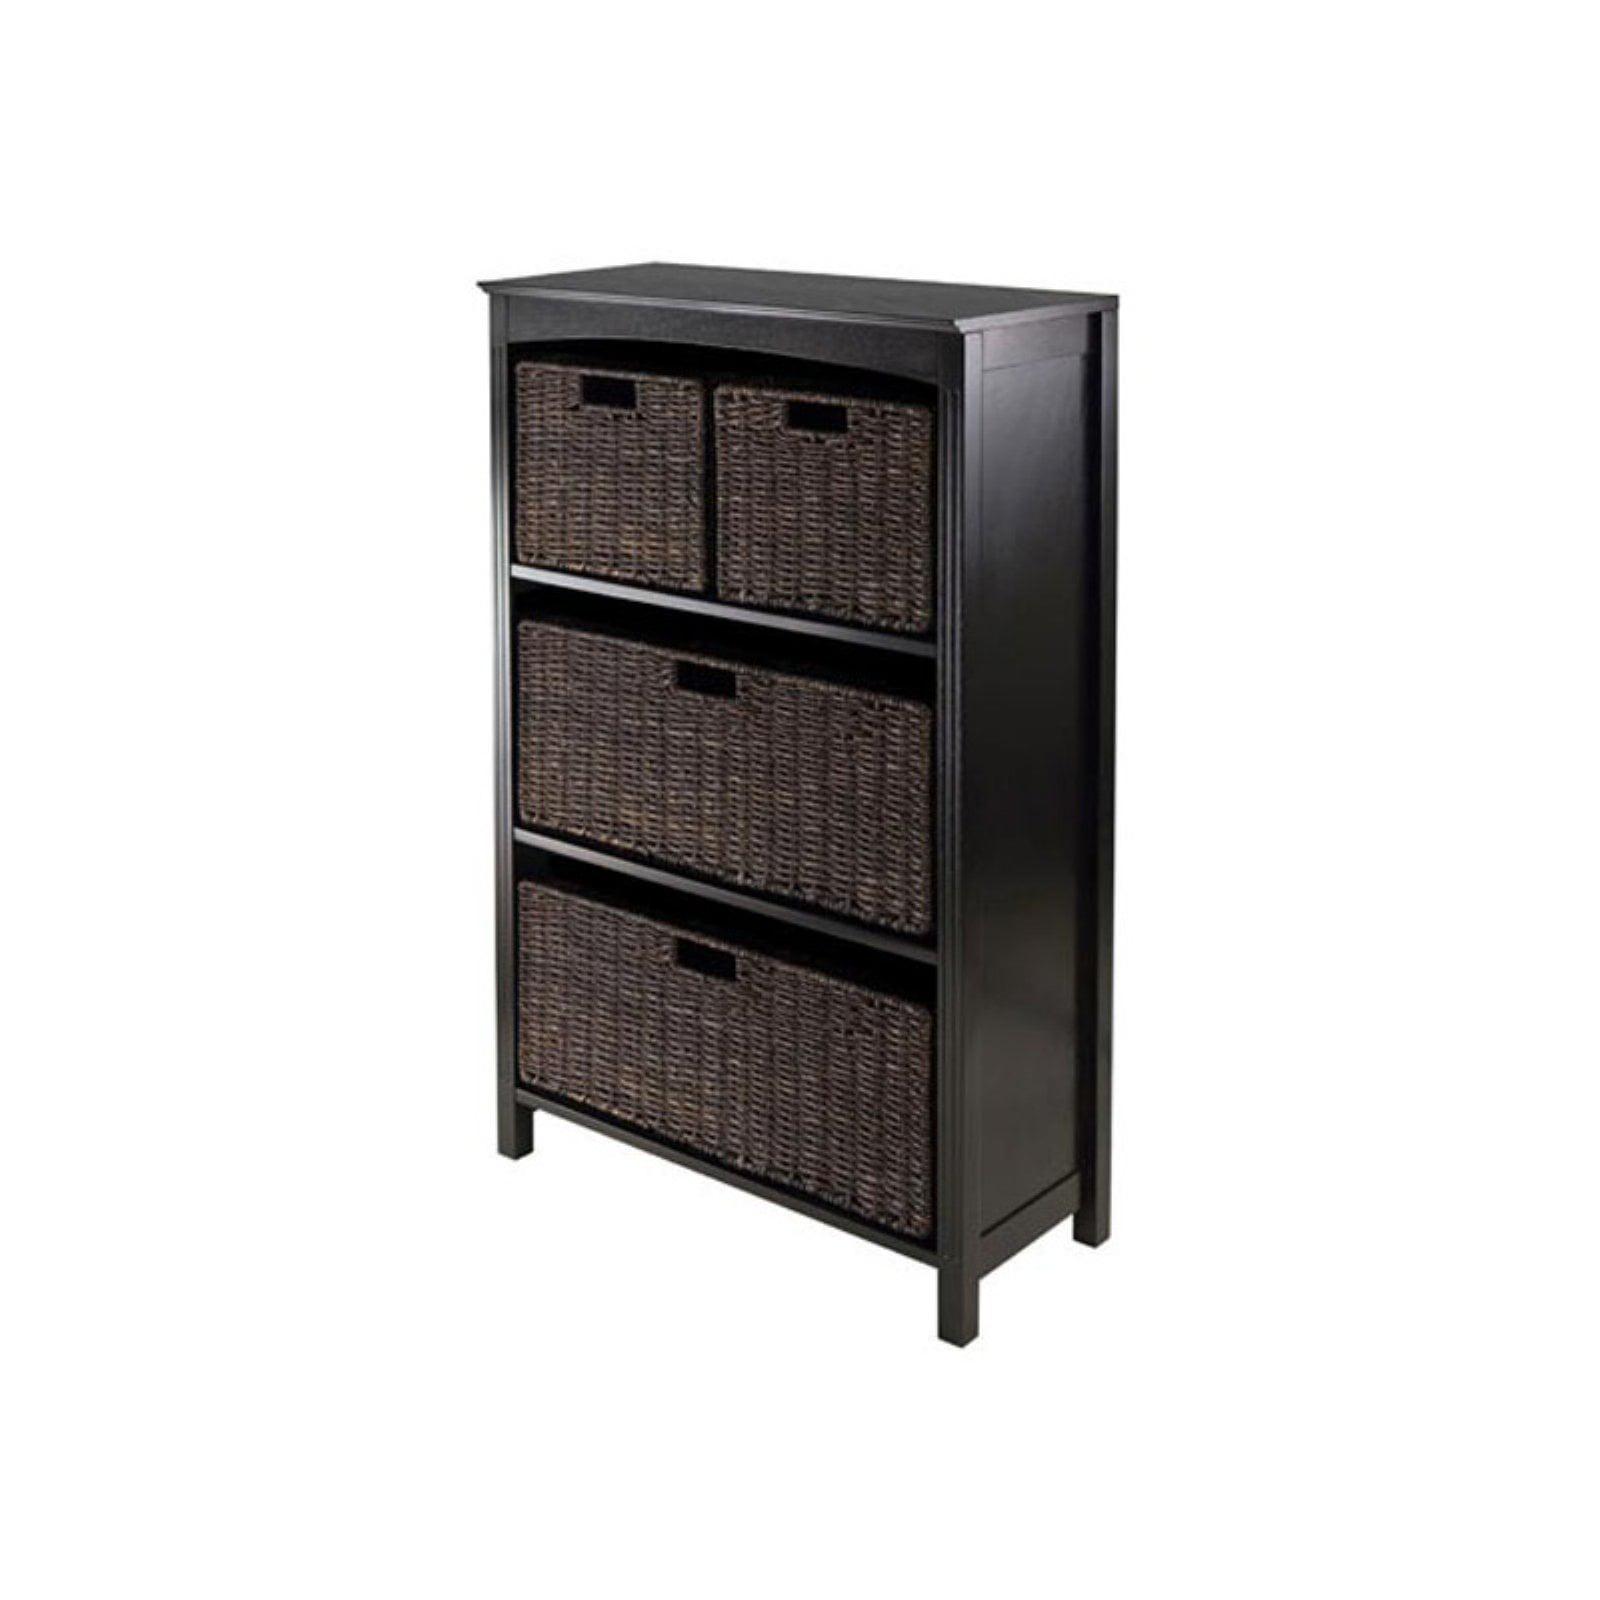 5pc Storage 4-Tier Shelf, w/2 Large & 2 Small Baskets